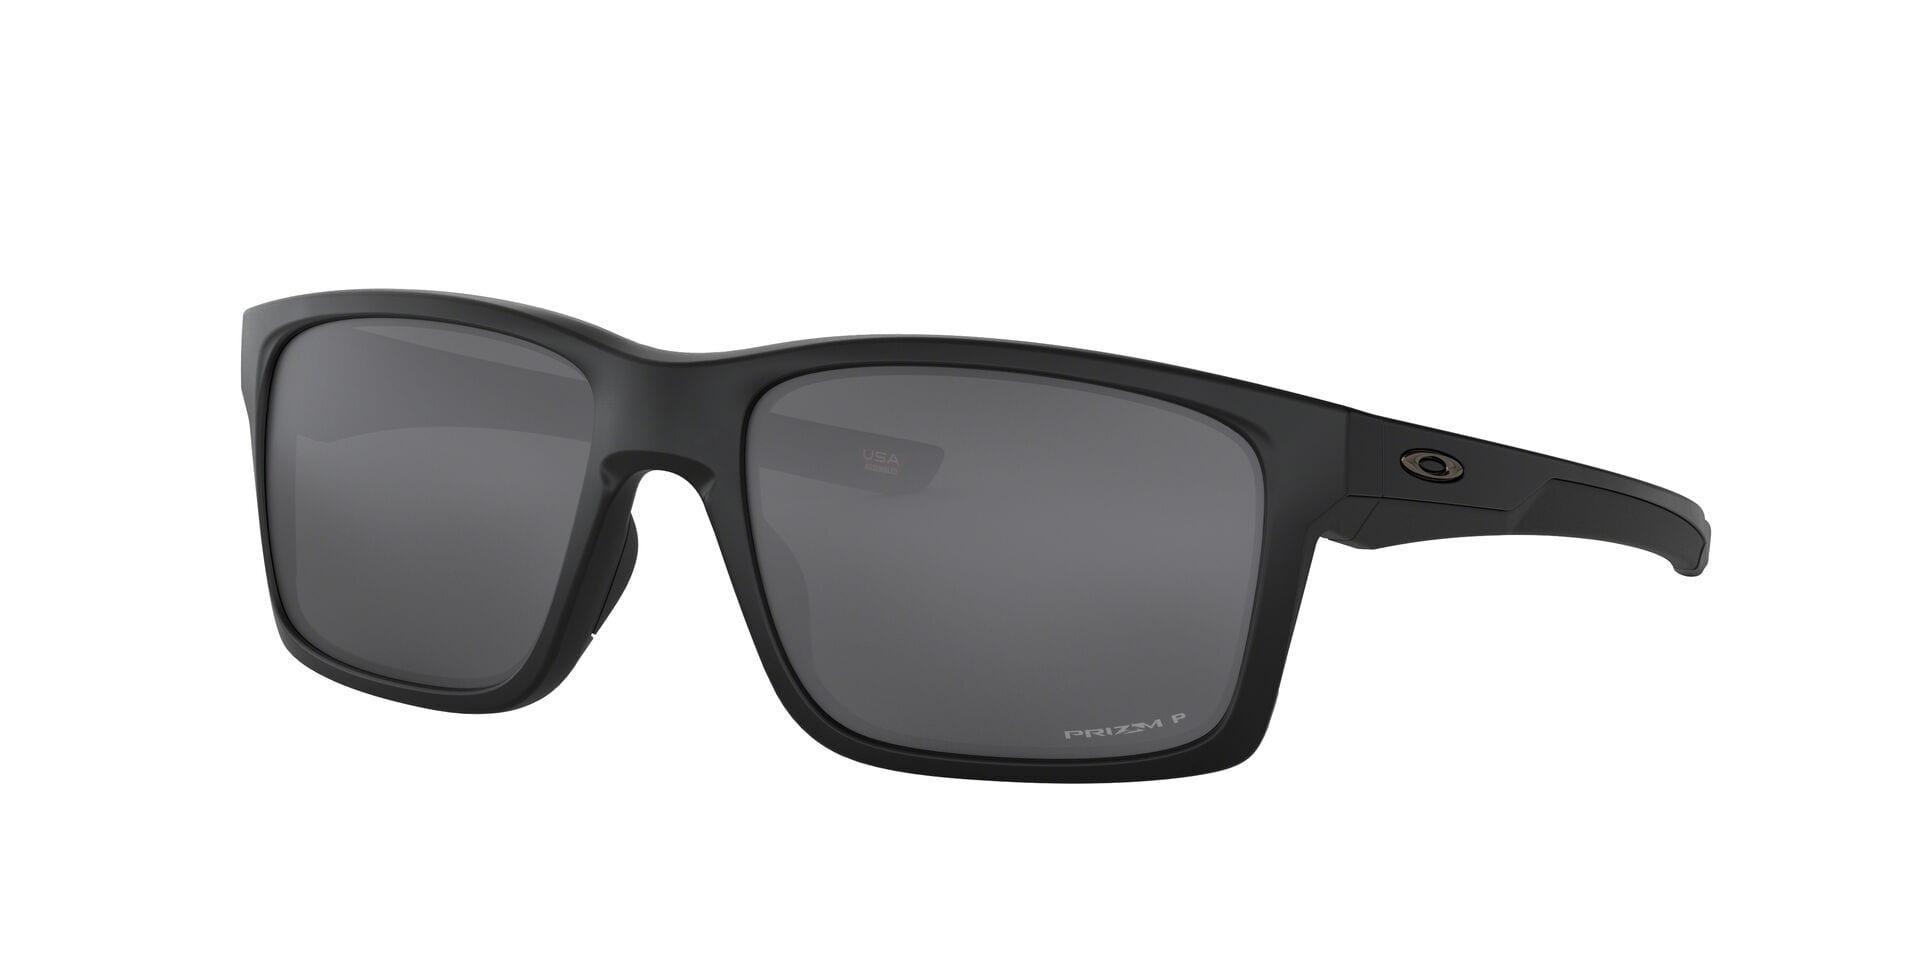 a76418017c70 Mainlink XL Men's Sunglasses - ADS Lifestyle